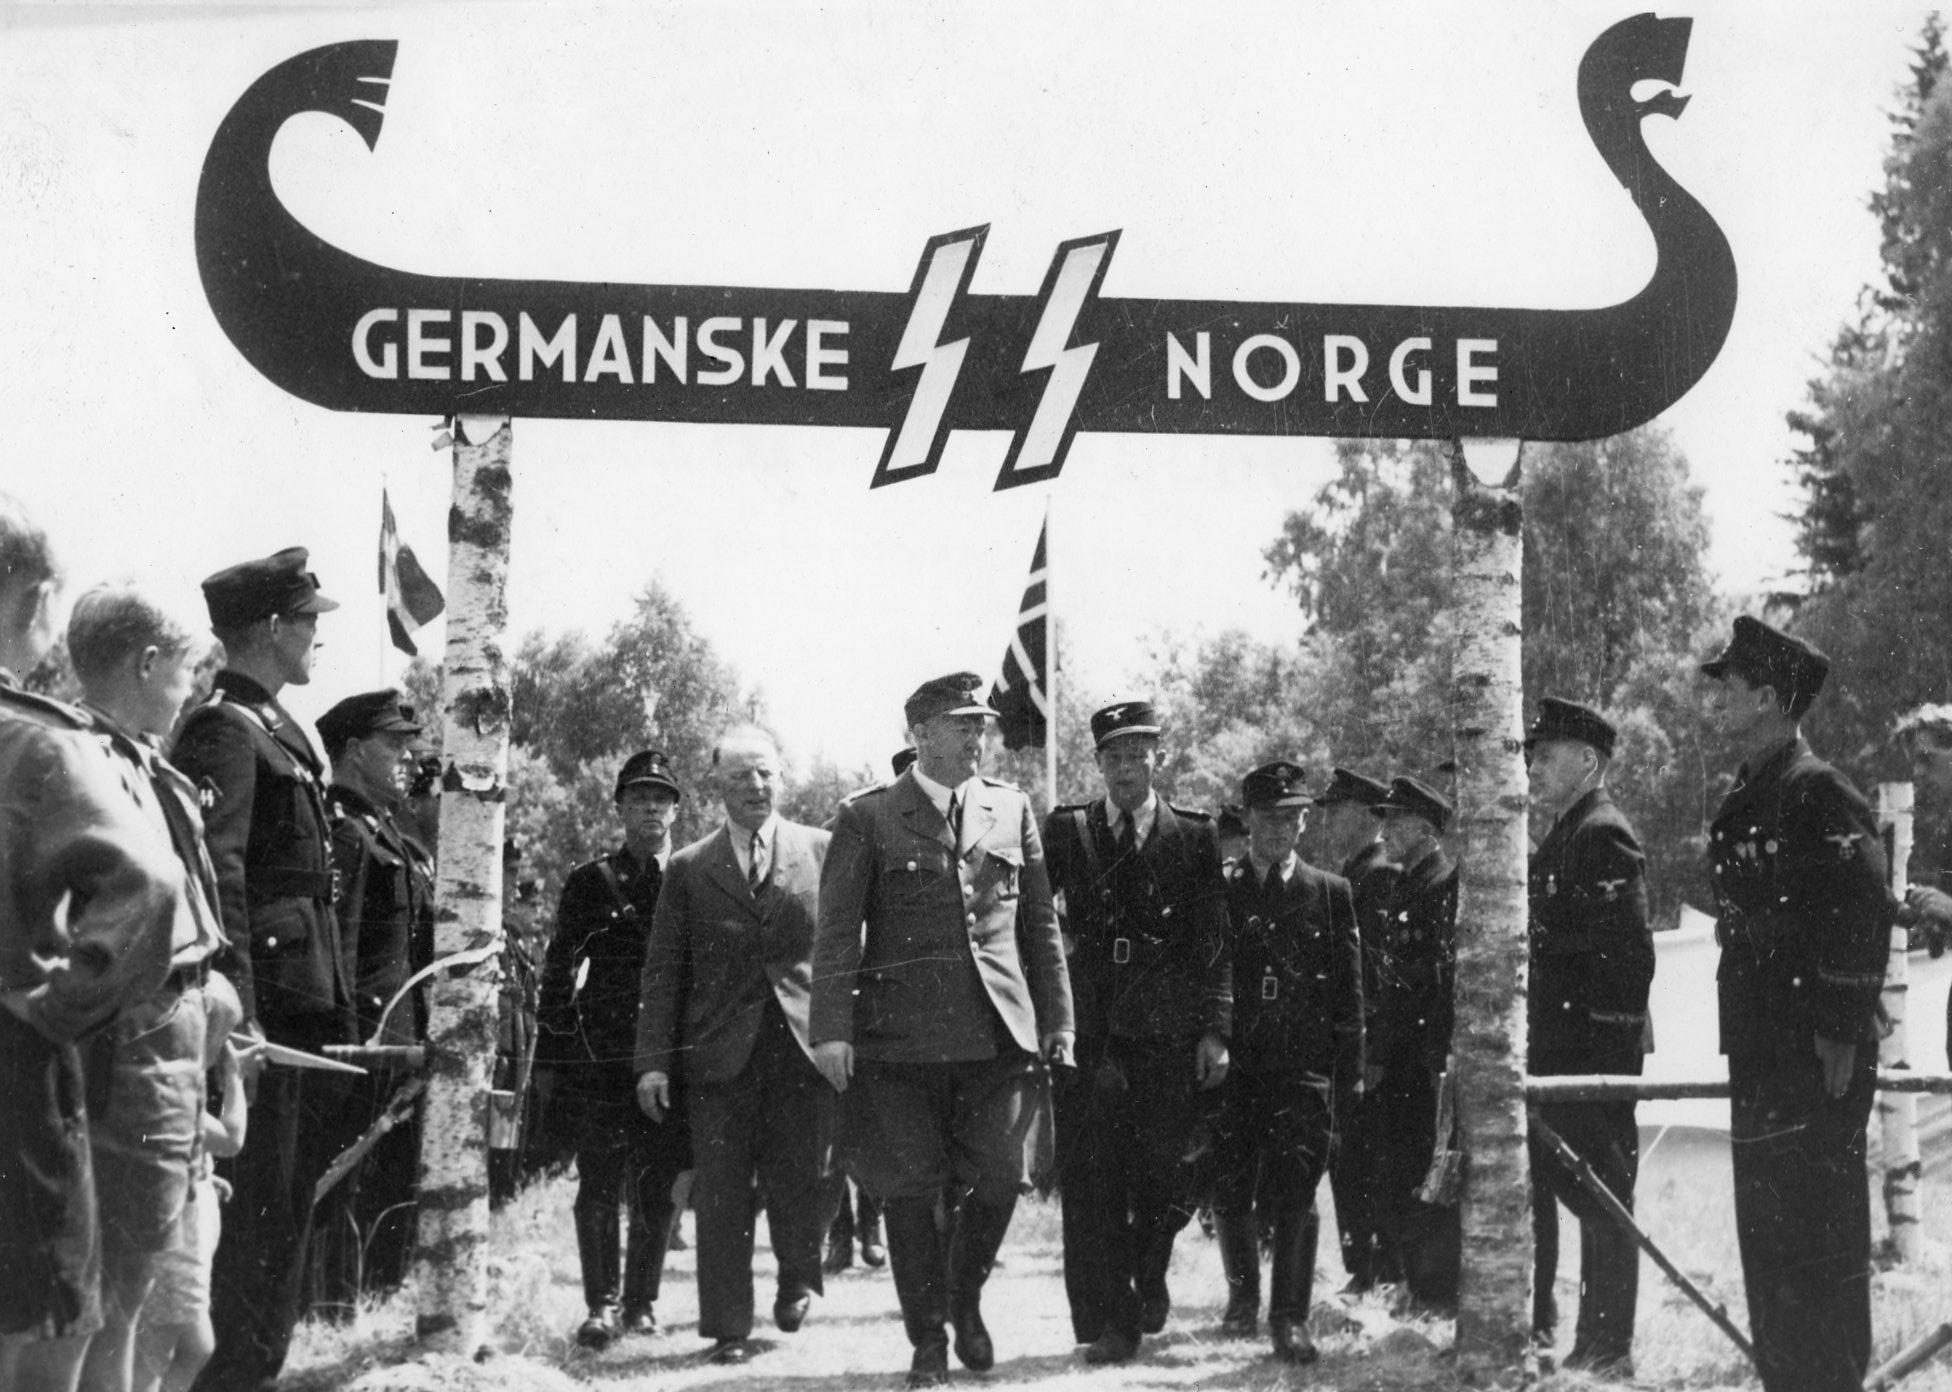 Image result for Germanske-SS Norge